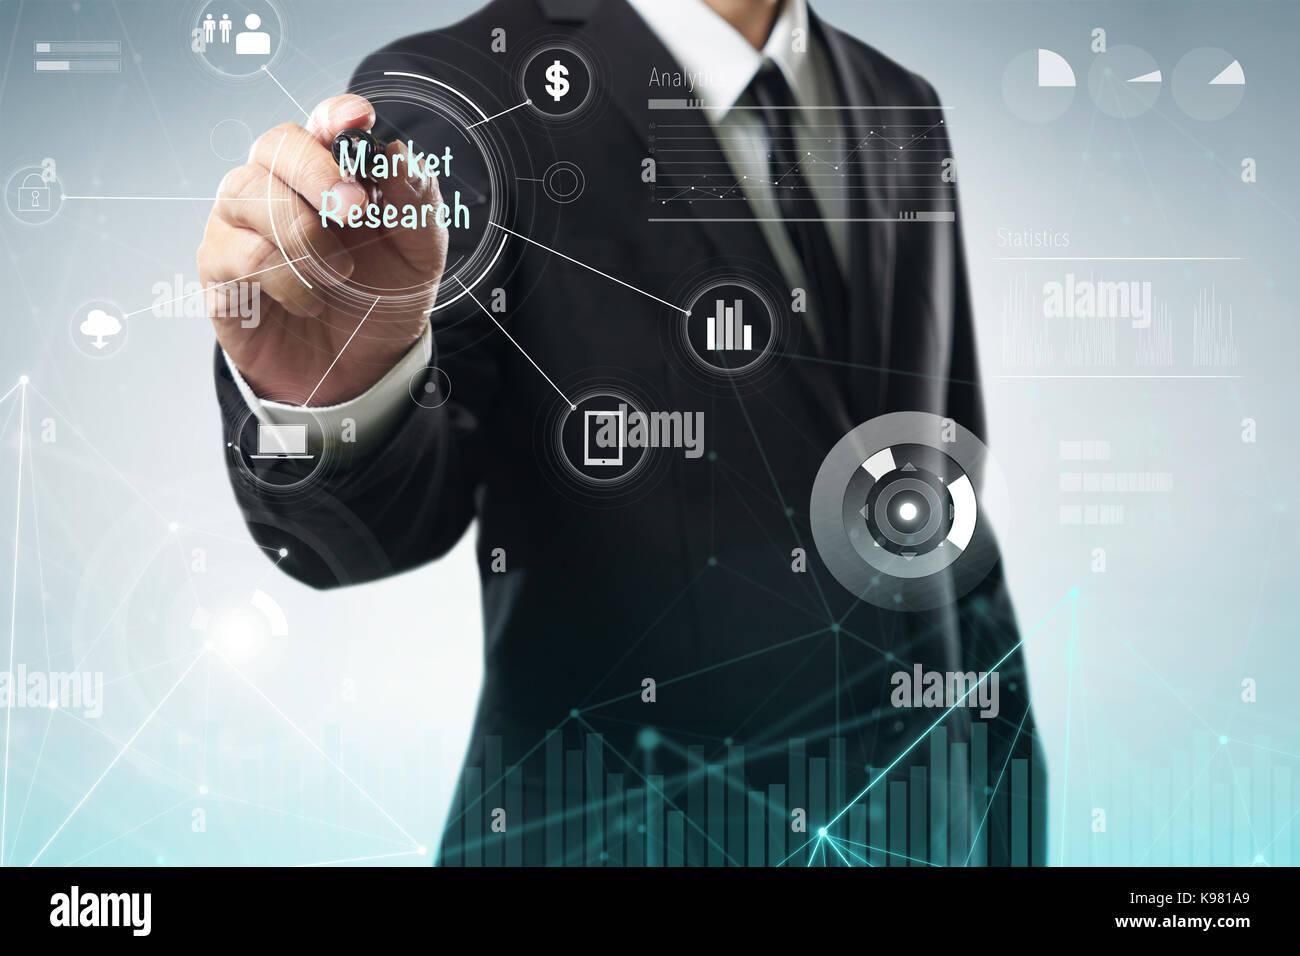 Empresario llamar 'mercado' palabra de investigación sobre digital virtual pantalla . hi-tech concepto Imagen De Stock